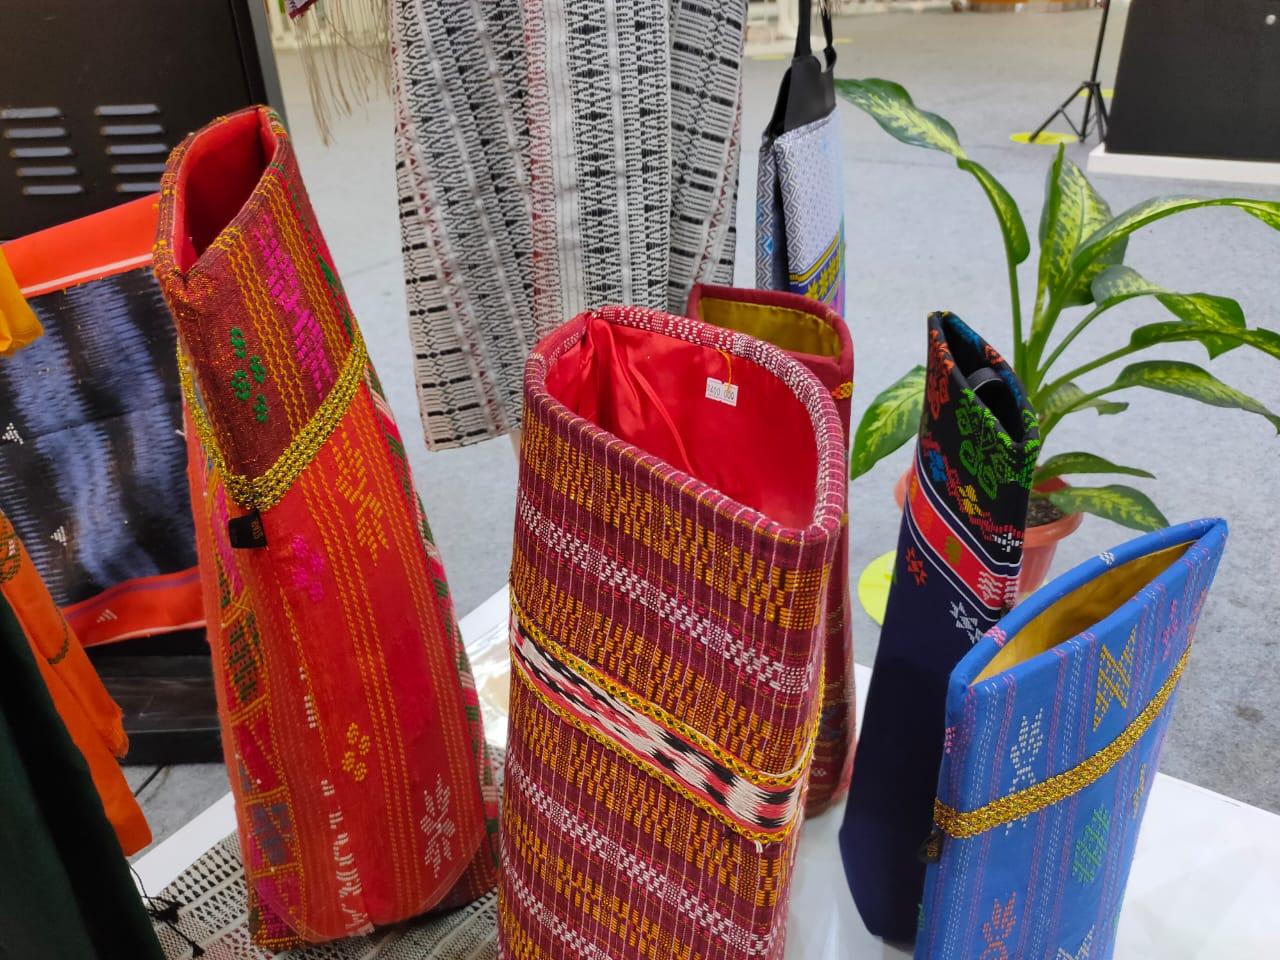 Kemenparekraf bantu mengembangkan ekonomi kreatif budaya Sumatera Utara melalui pameran Beli Kreatif Danau Toba Fair di Summarecon Mall Serpong, Kamis (18/02/2021).